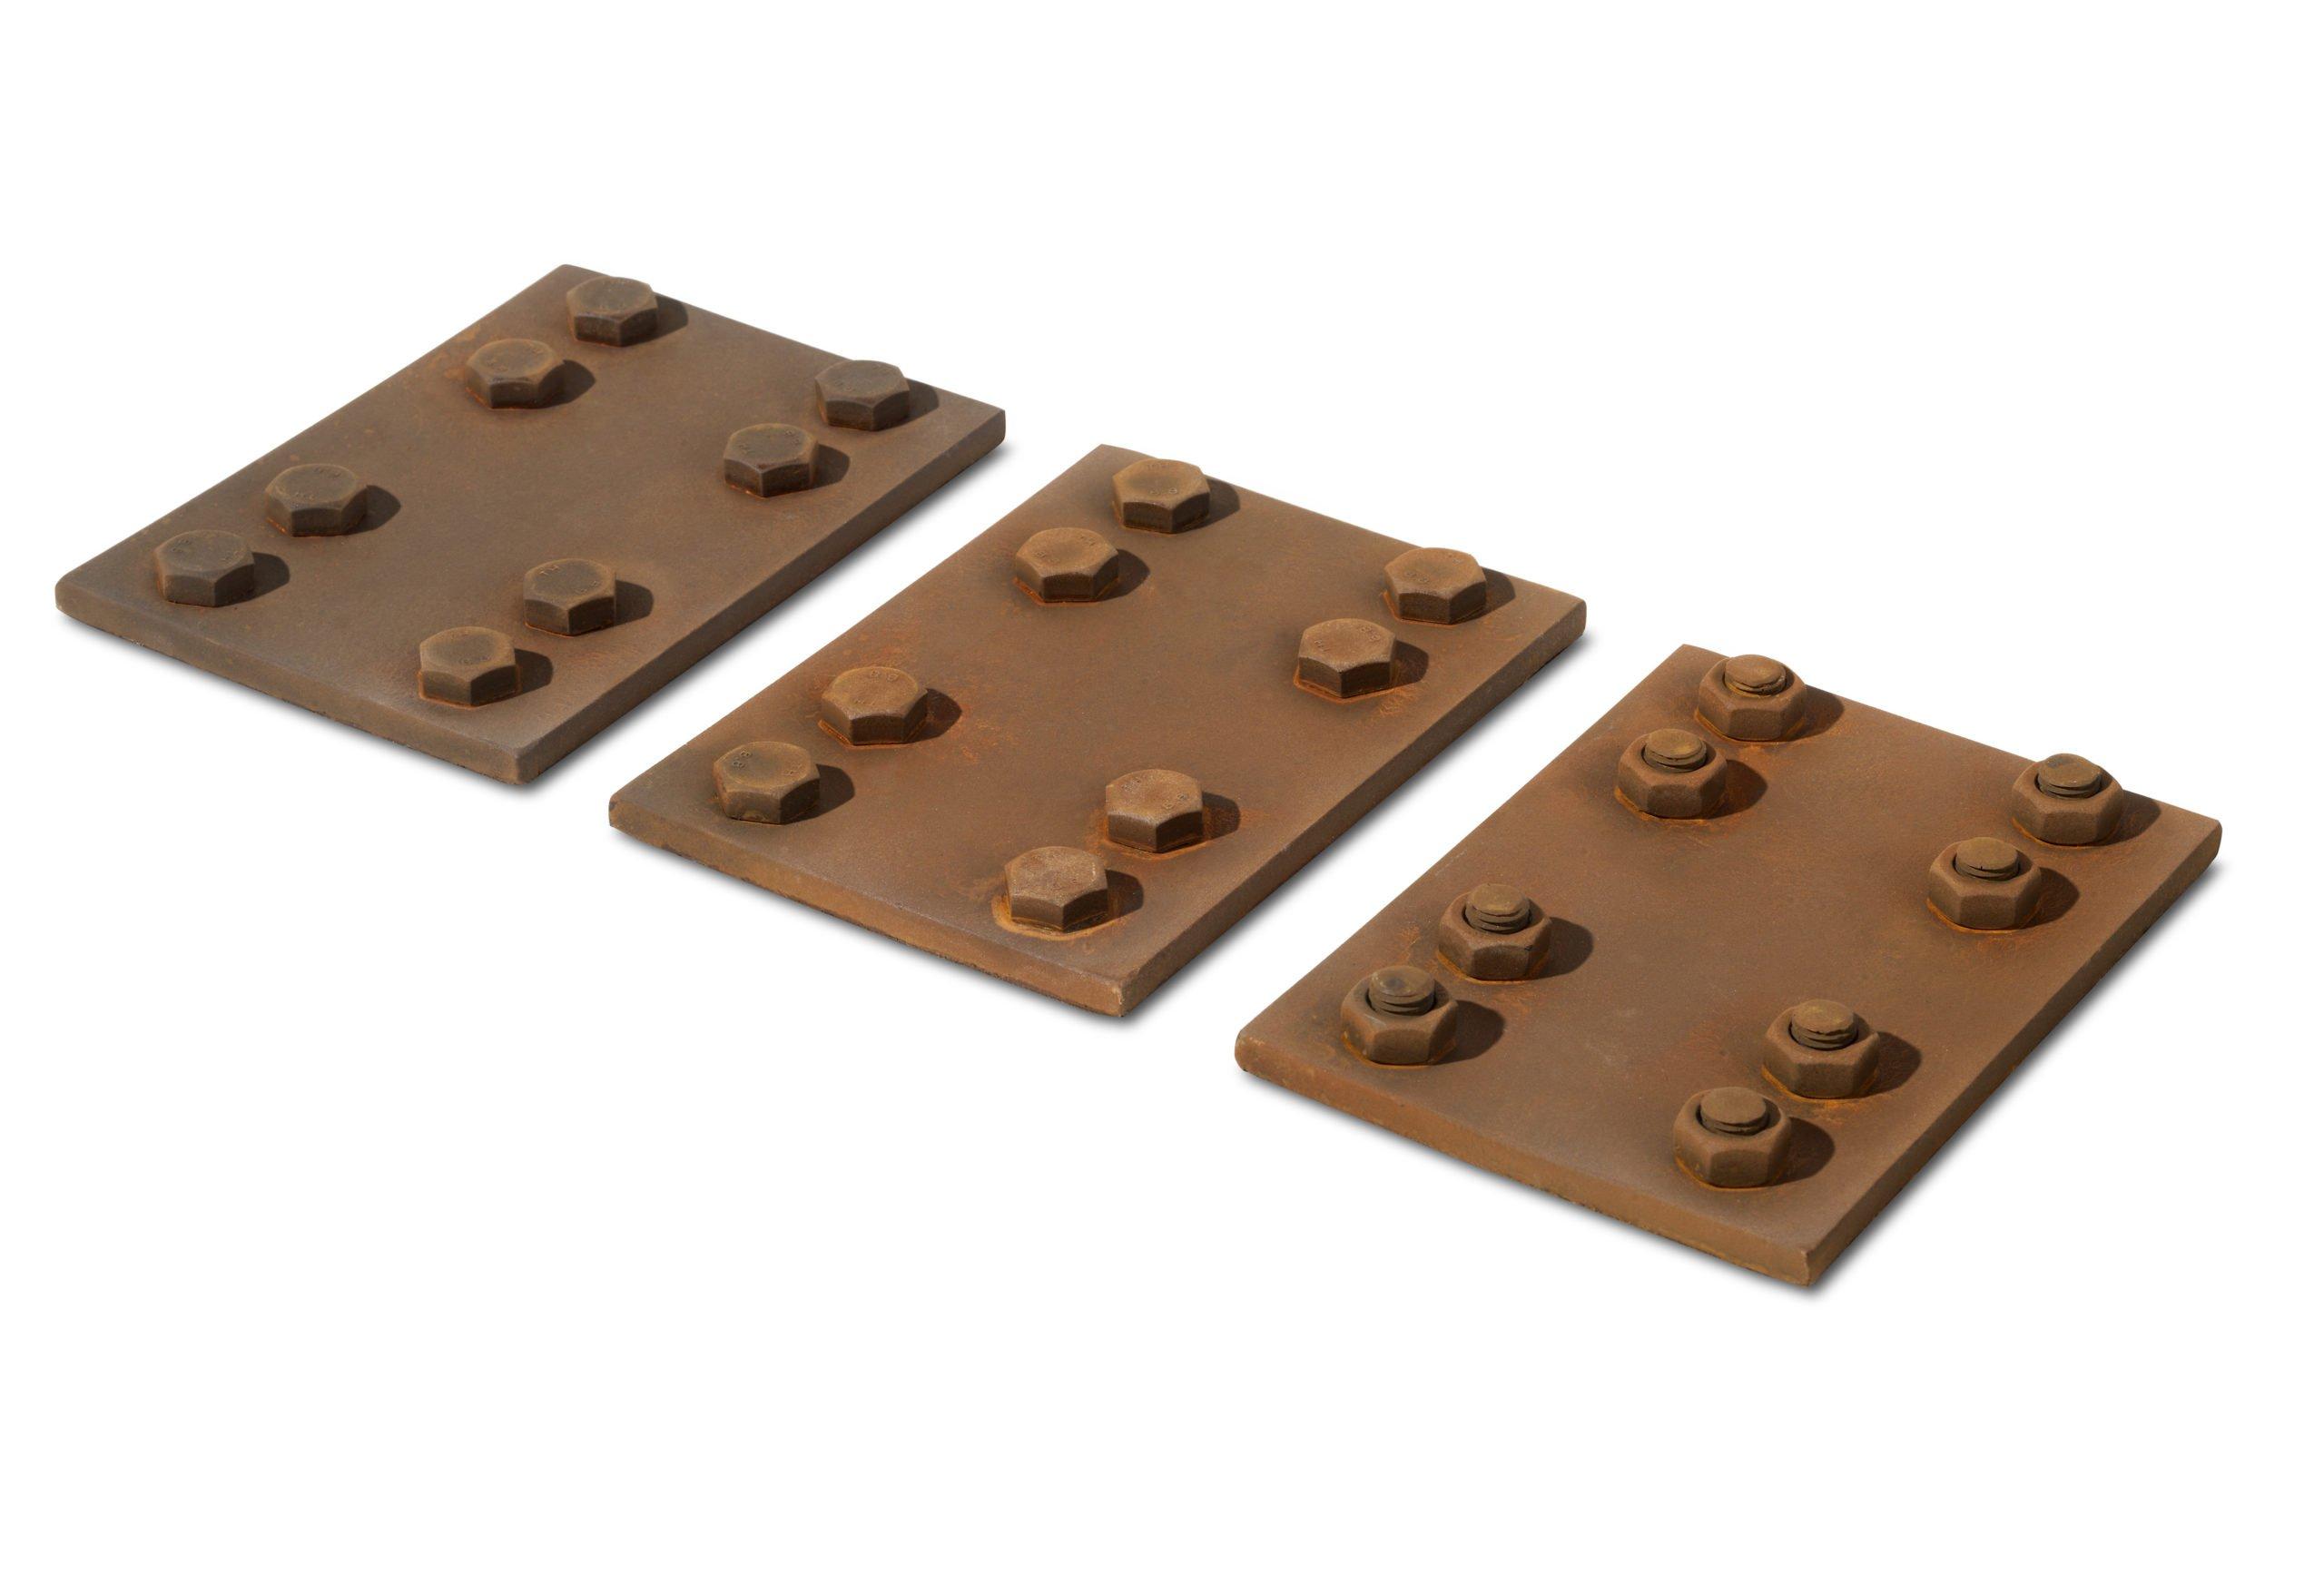 Panespol ofrece acabados en oxido en cualquiera de sus gamas y figuras 3D